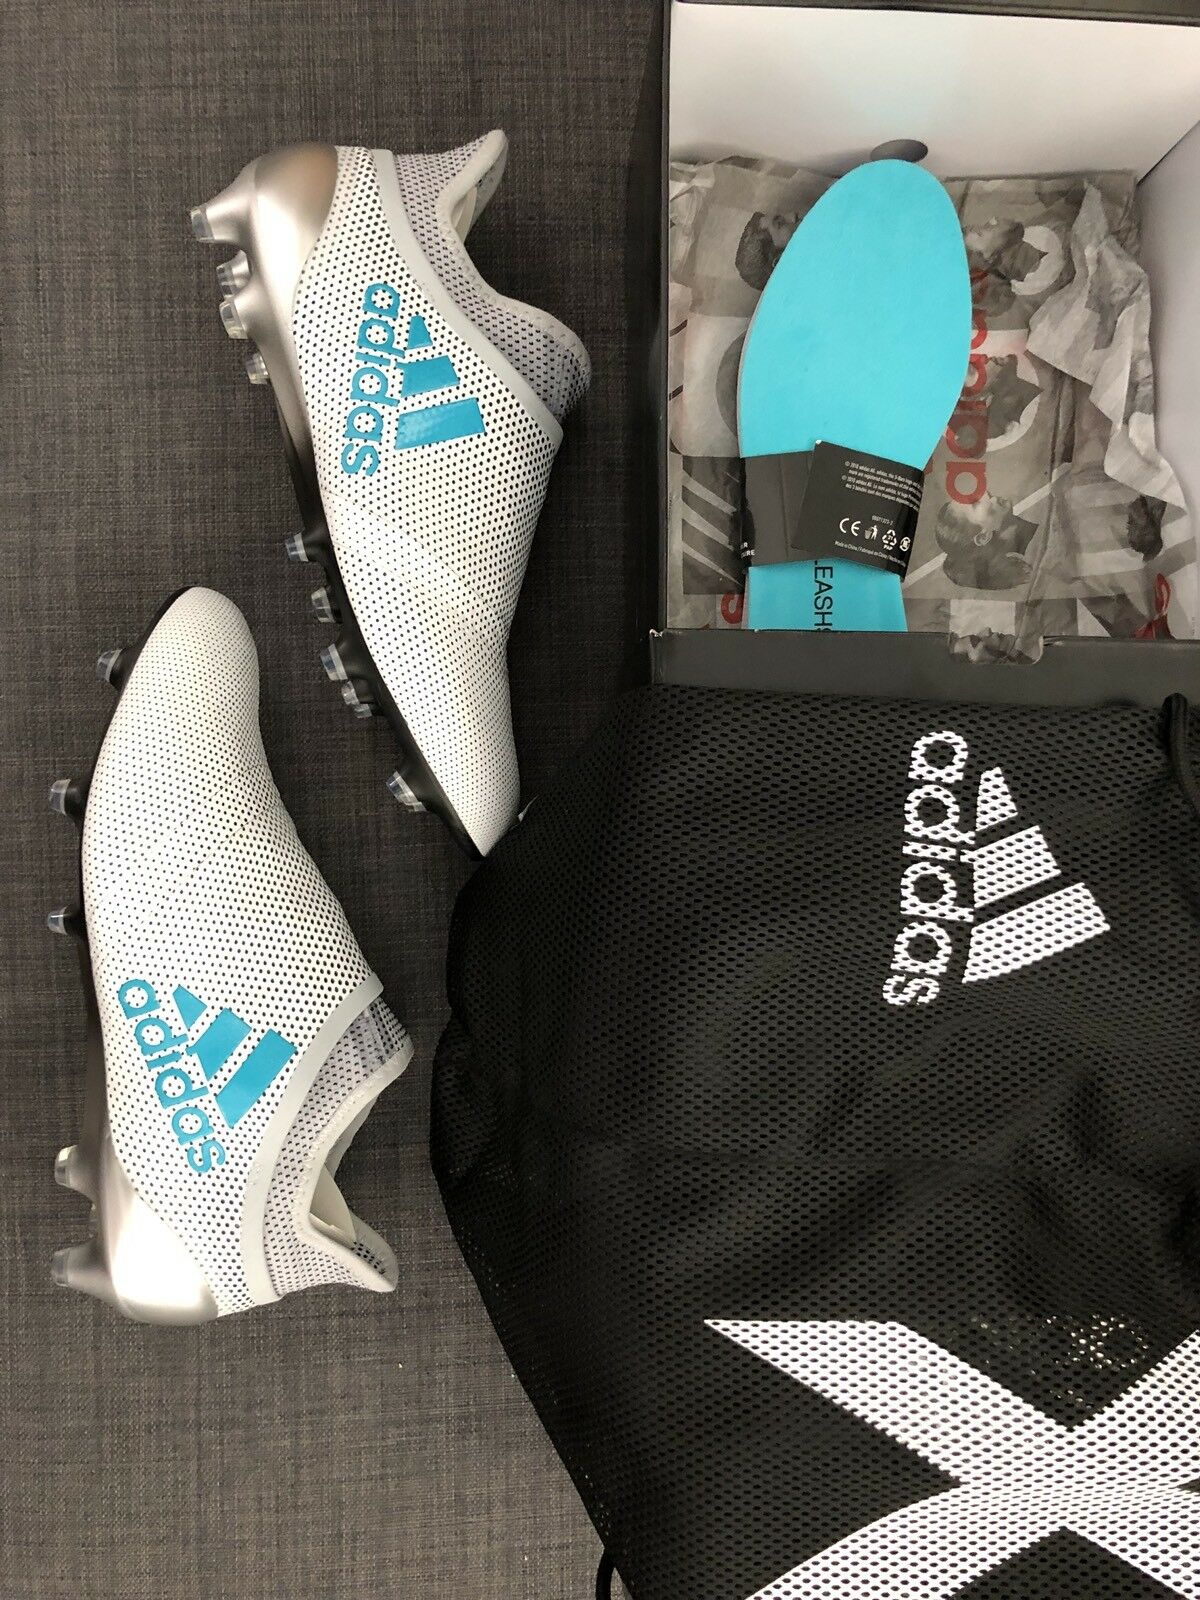 Adidas x 17 + purespeed fg s82444 messi da nemeziz predatore gli scarpini da messi calcio sz - 8 055a17